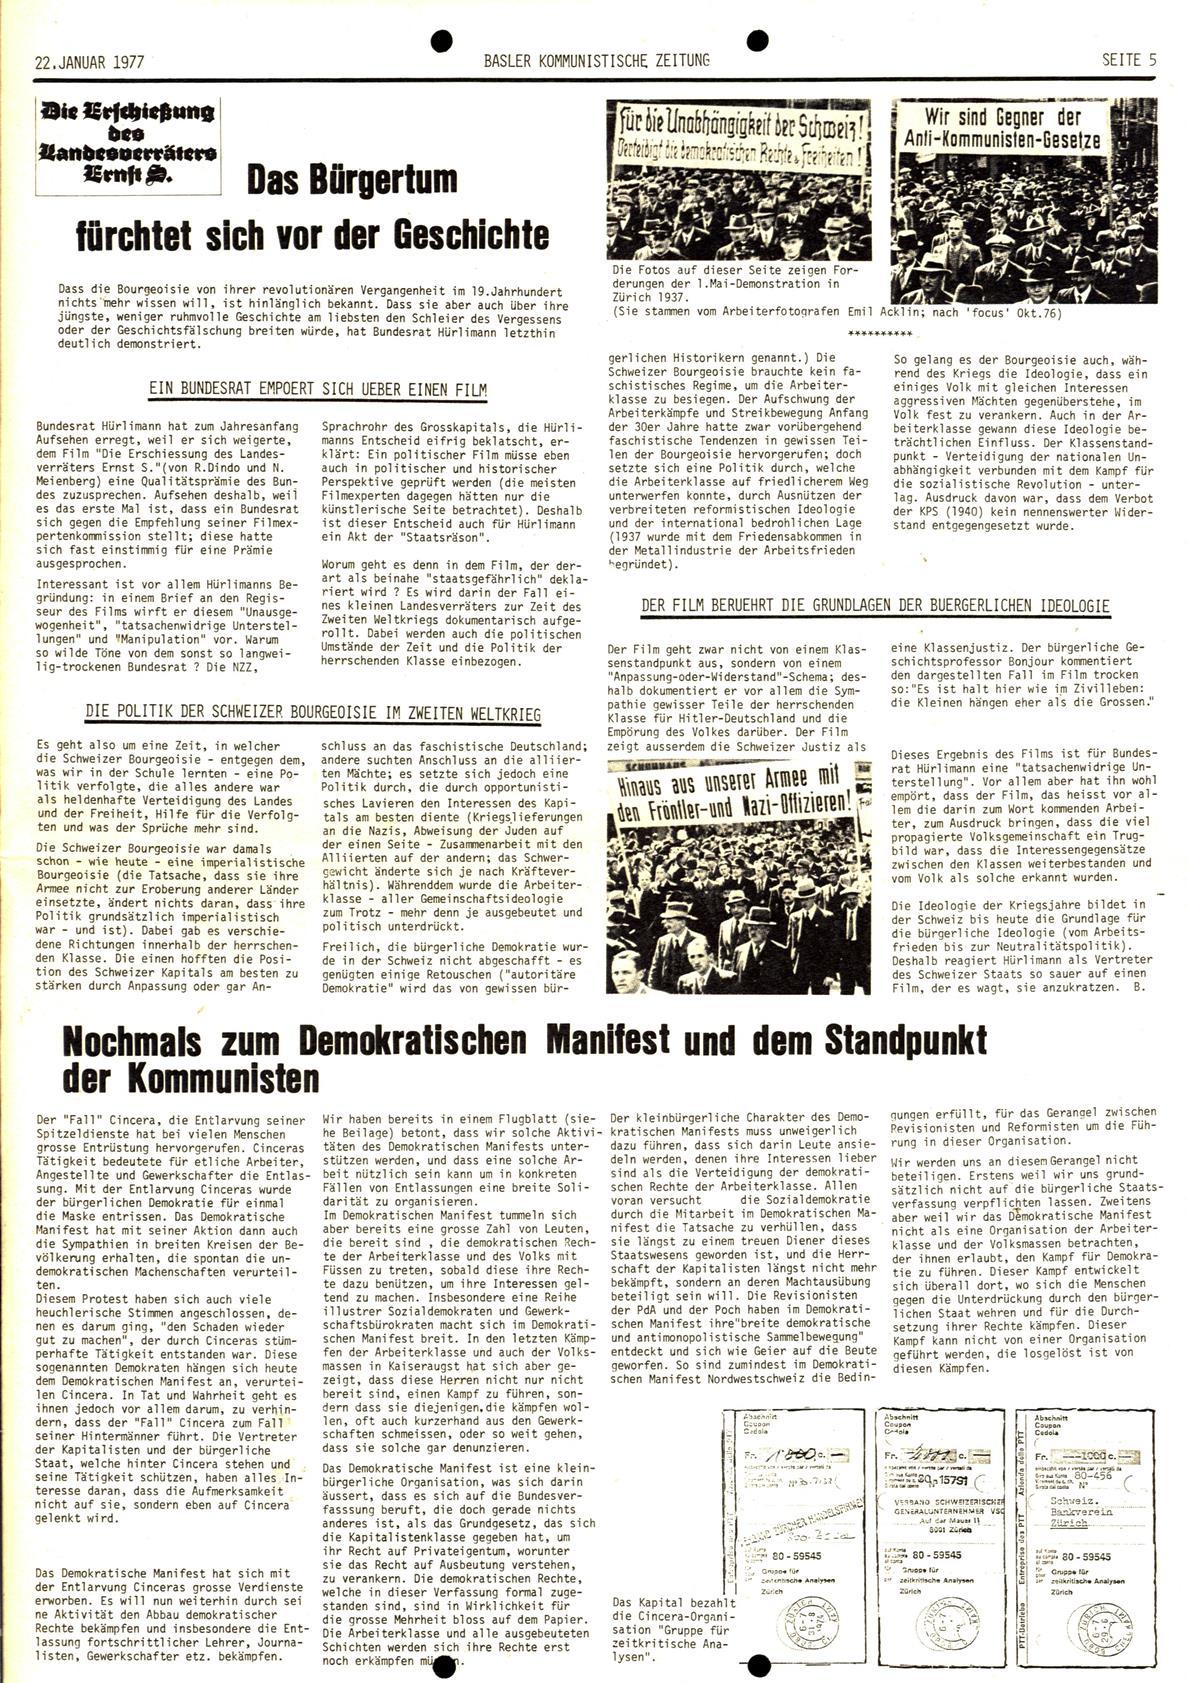 Basel_Kommunistische_Zeitung_19770122_05